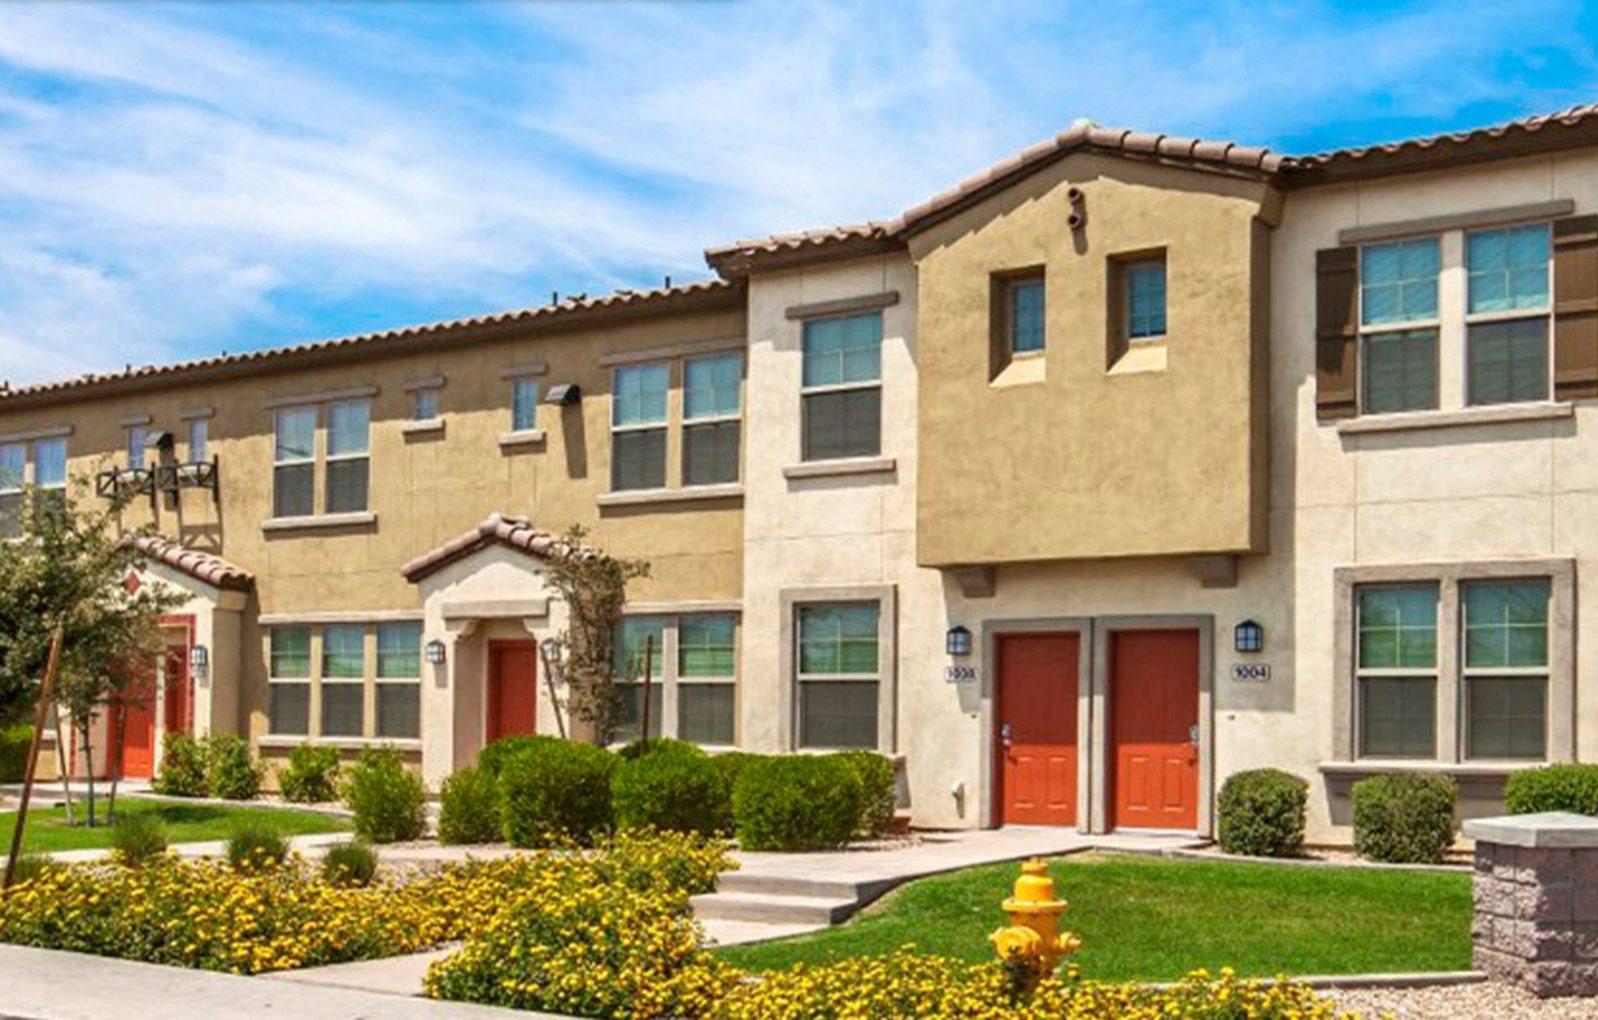 Exterior-The Symphony Apartments Phoenix, AZ